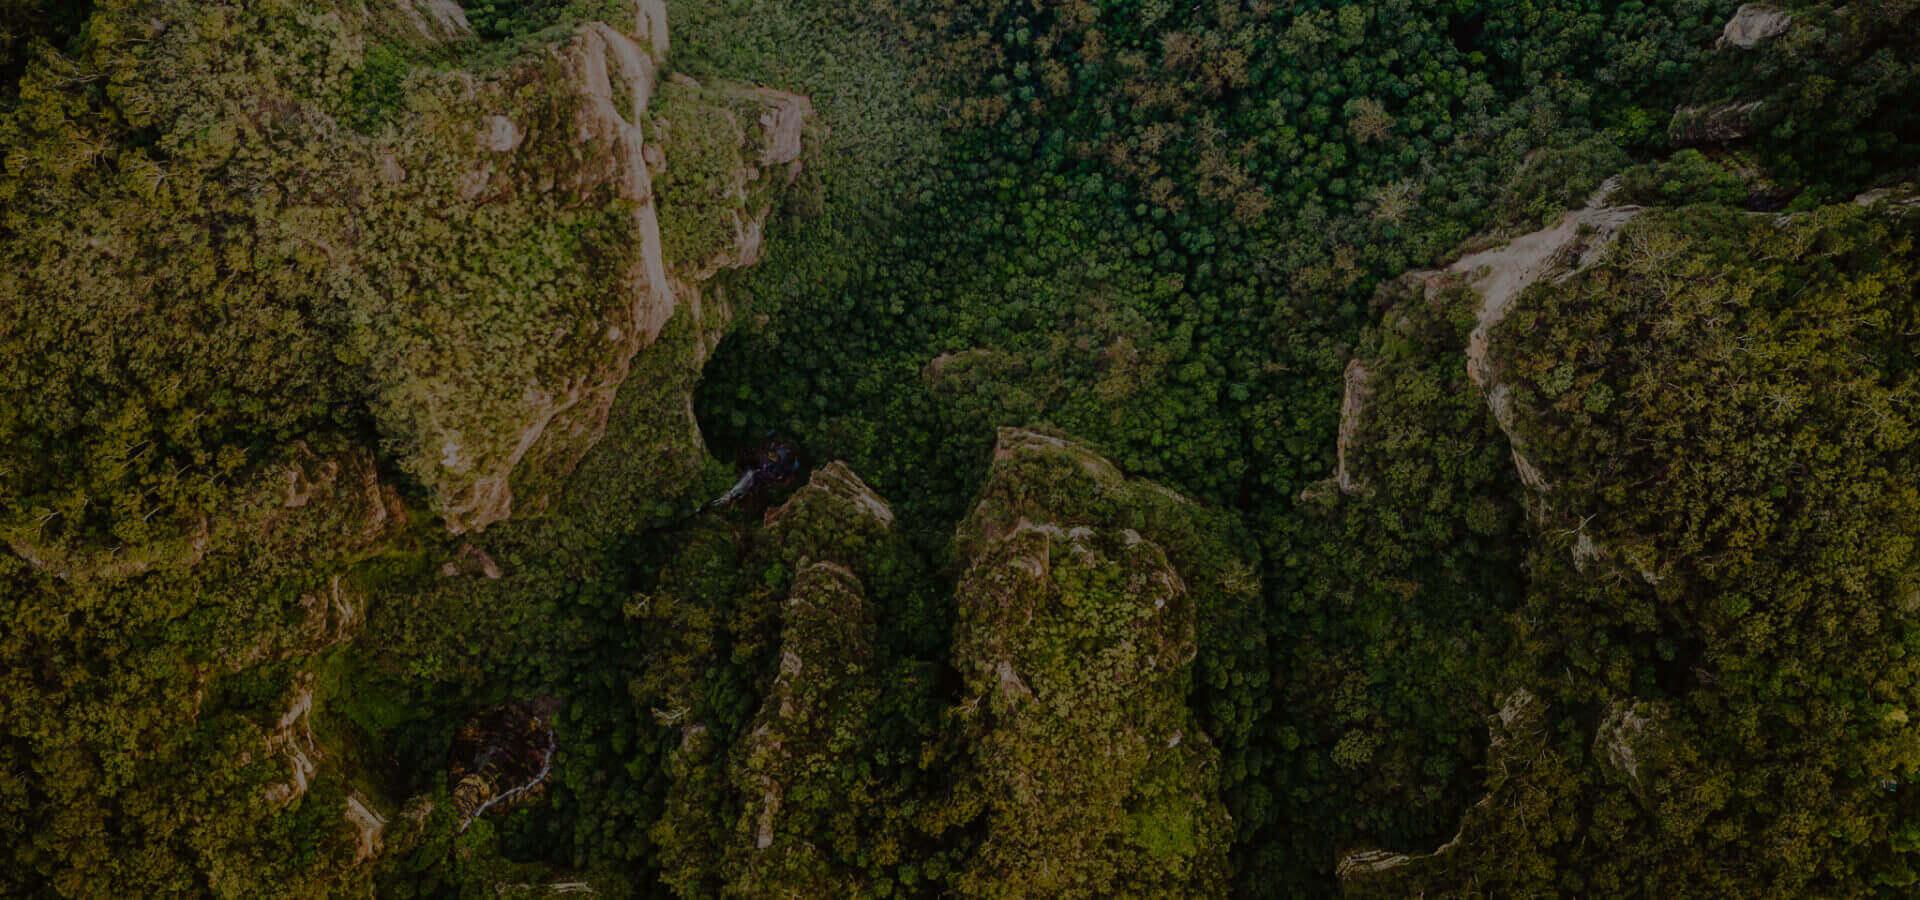 ortofotomapa z drona - zdjęcie doliny porośniętej lasem